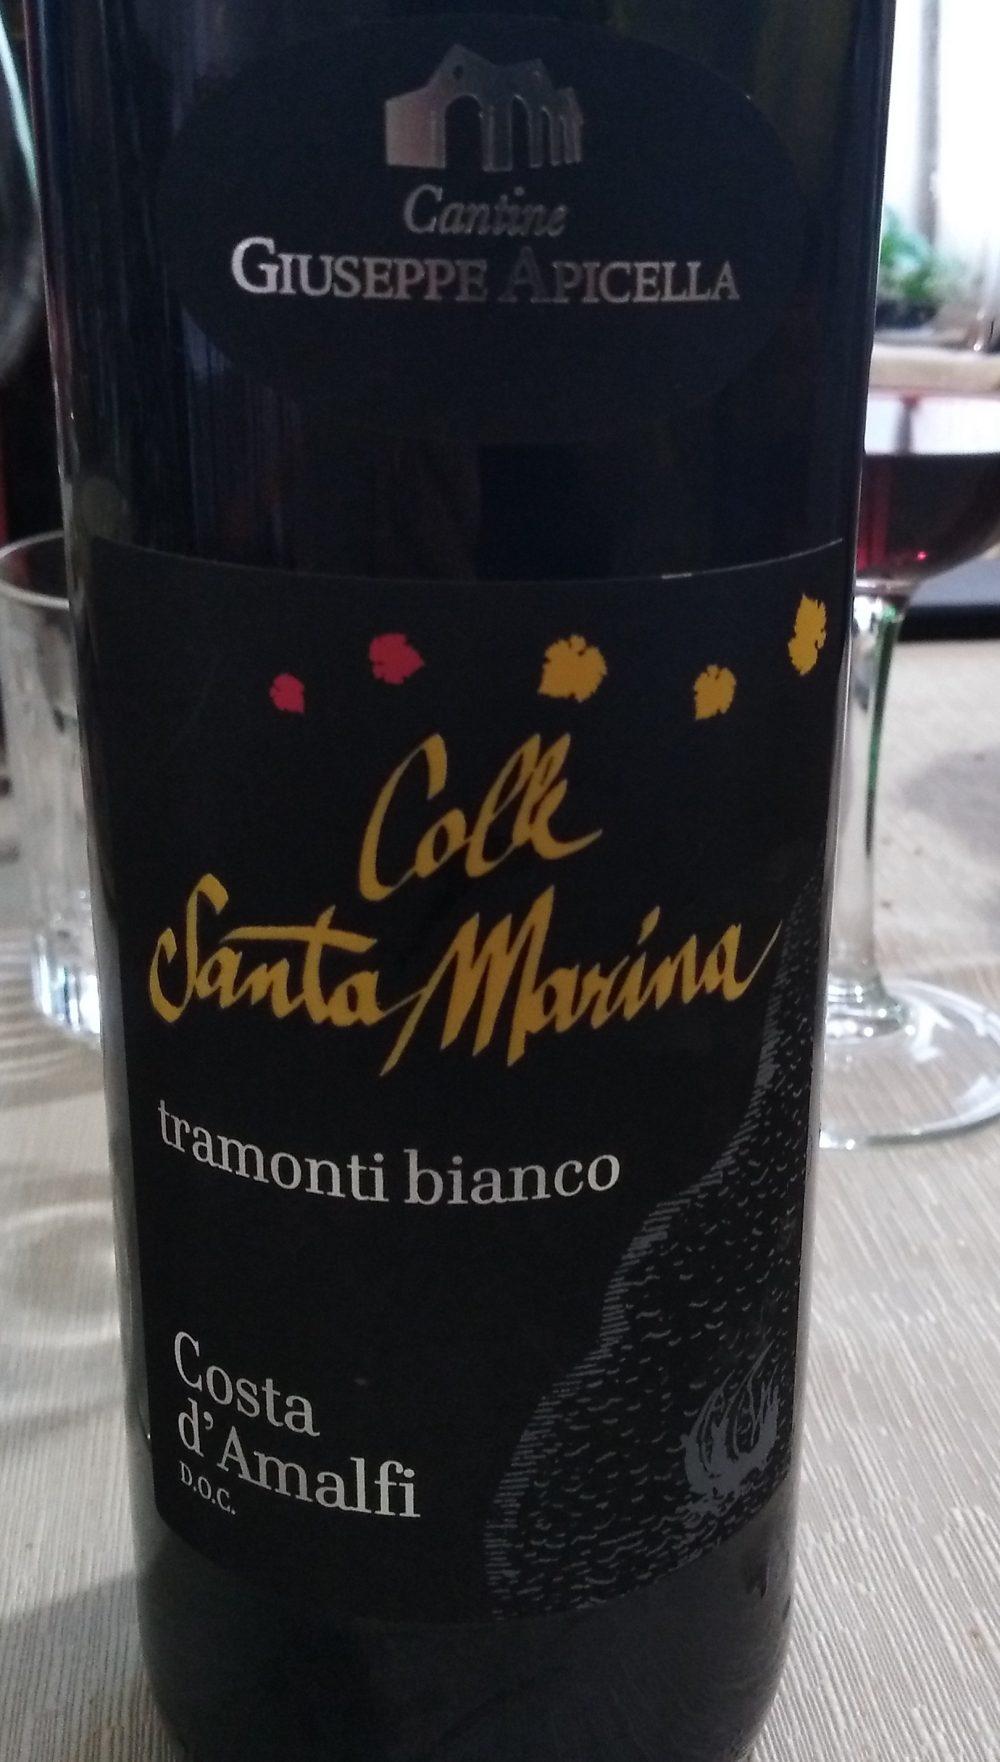 Colle Santa Marina Costa d'Amalfi Bianco Doc 2017 Giuseppe Apicella